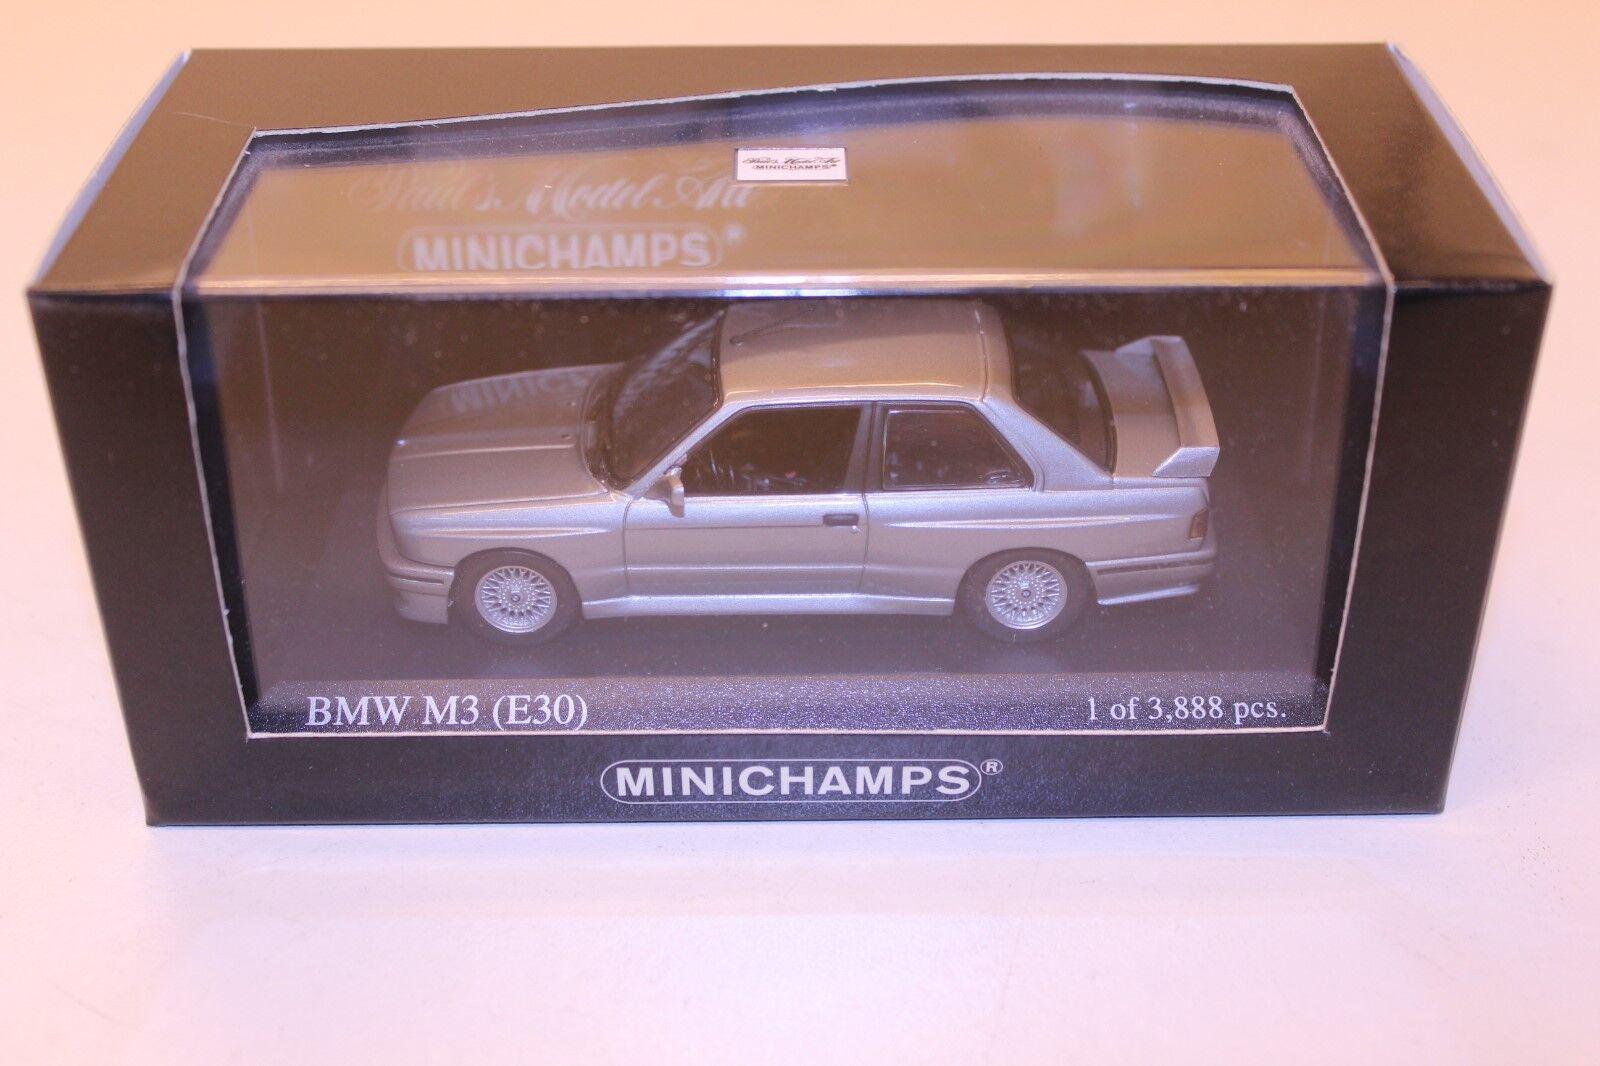 Minichamps BMW E30 M3 lachplata 1 43 1 de 3888 un.